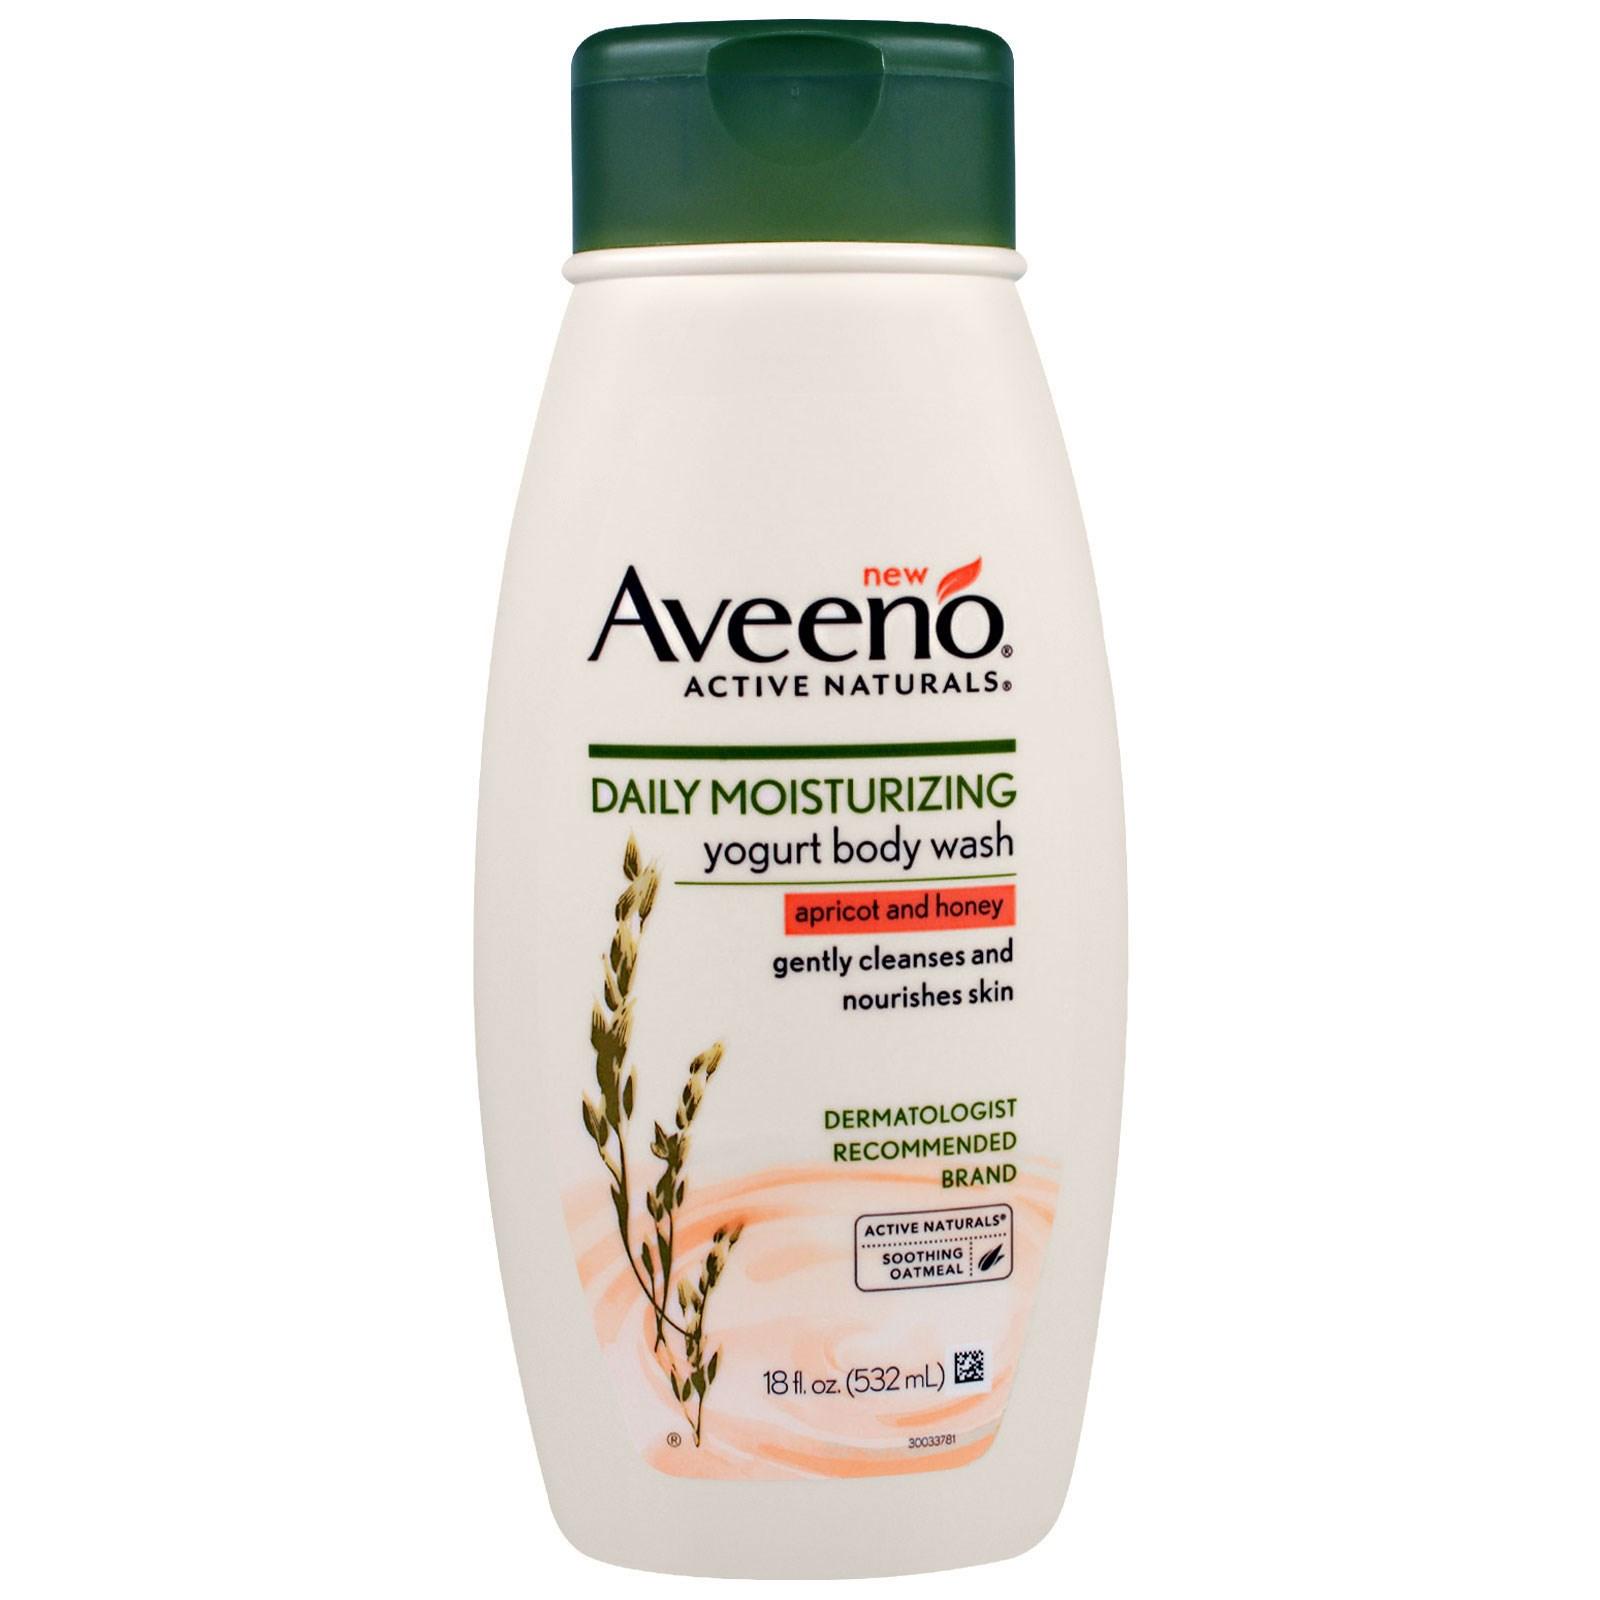 """Aveeno, """"Природные активные компоненты"""", увлажняющий гель для душа с йогуртом для ежедневного использования, абрикосово-медовый, 18 жидких унций (532 мл)"""